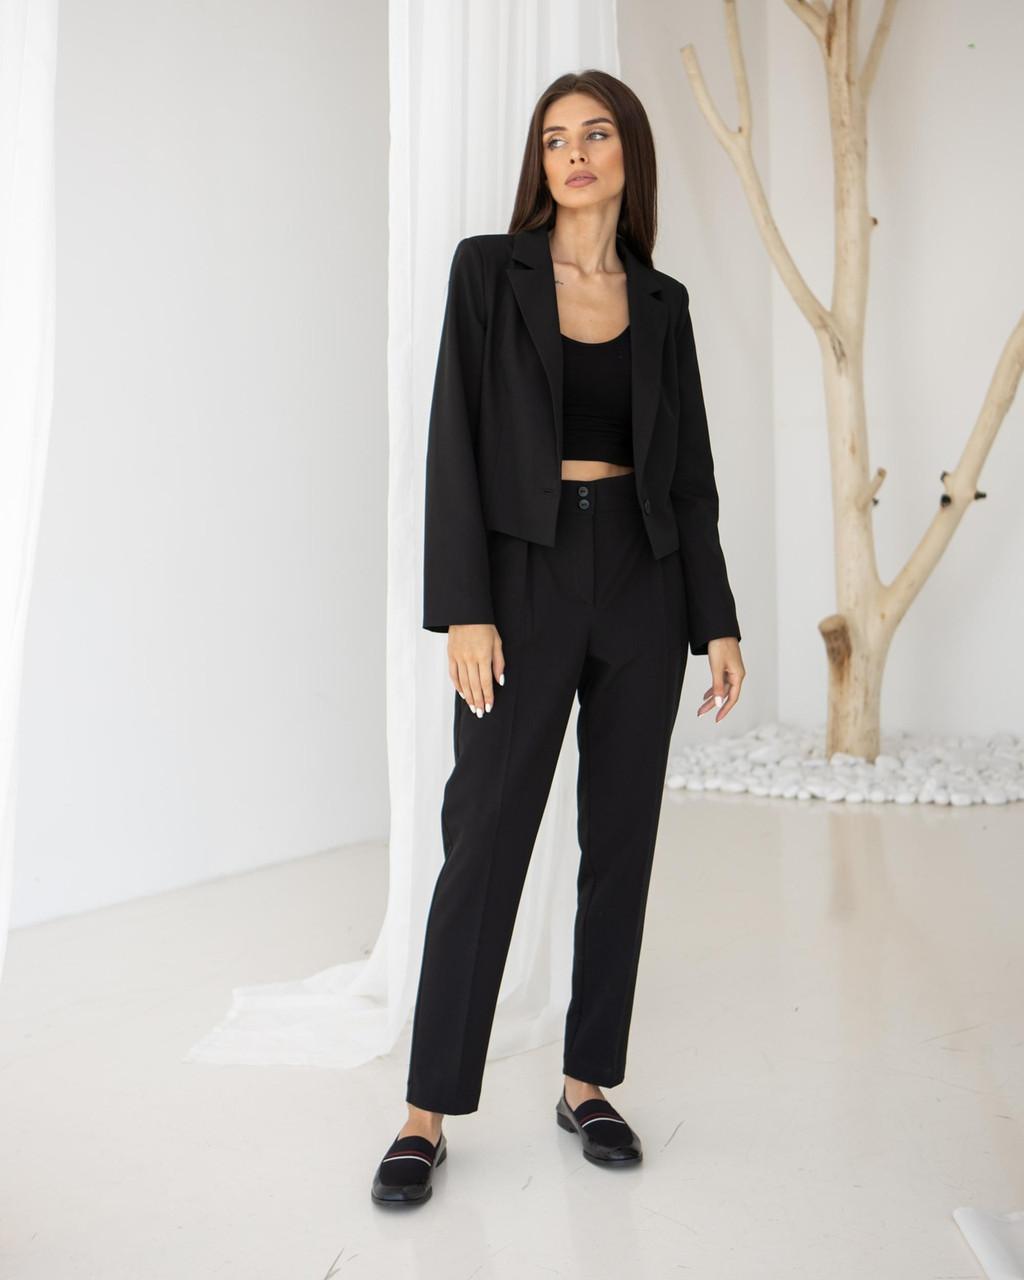 Жіночі брюки чорні базові класичні зі складкамиSIM  MKSM S-04